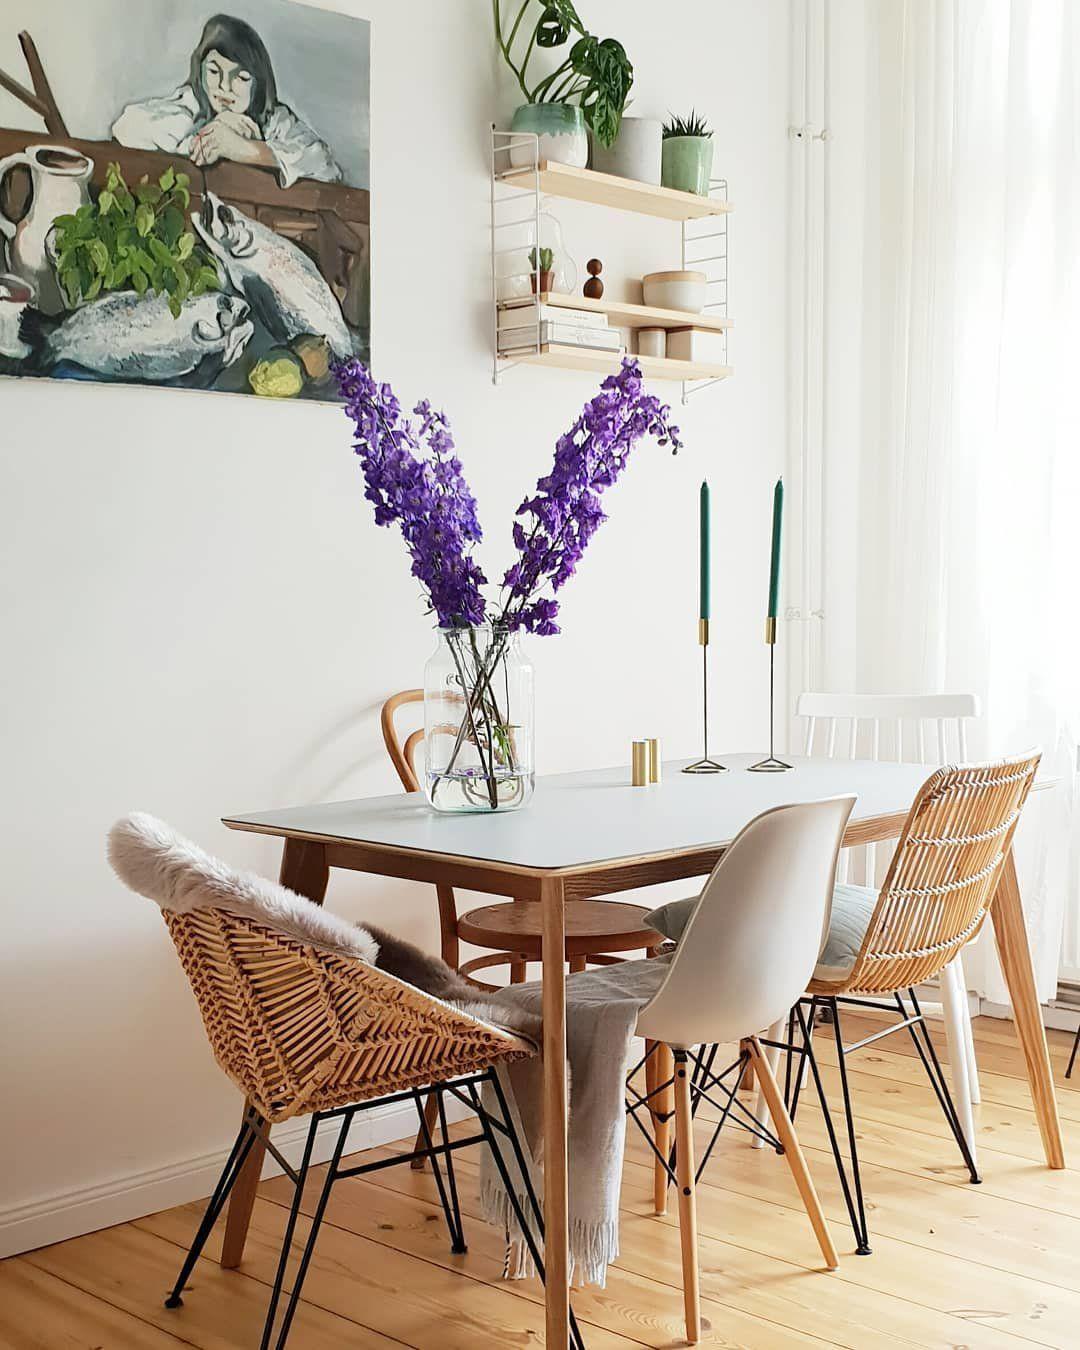 die sch nsten wohnideen mit dem string regal seite 4. Black Bedroom Furniture Sets. Home Design Ideas